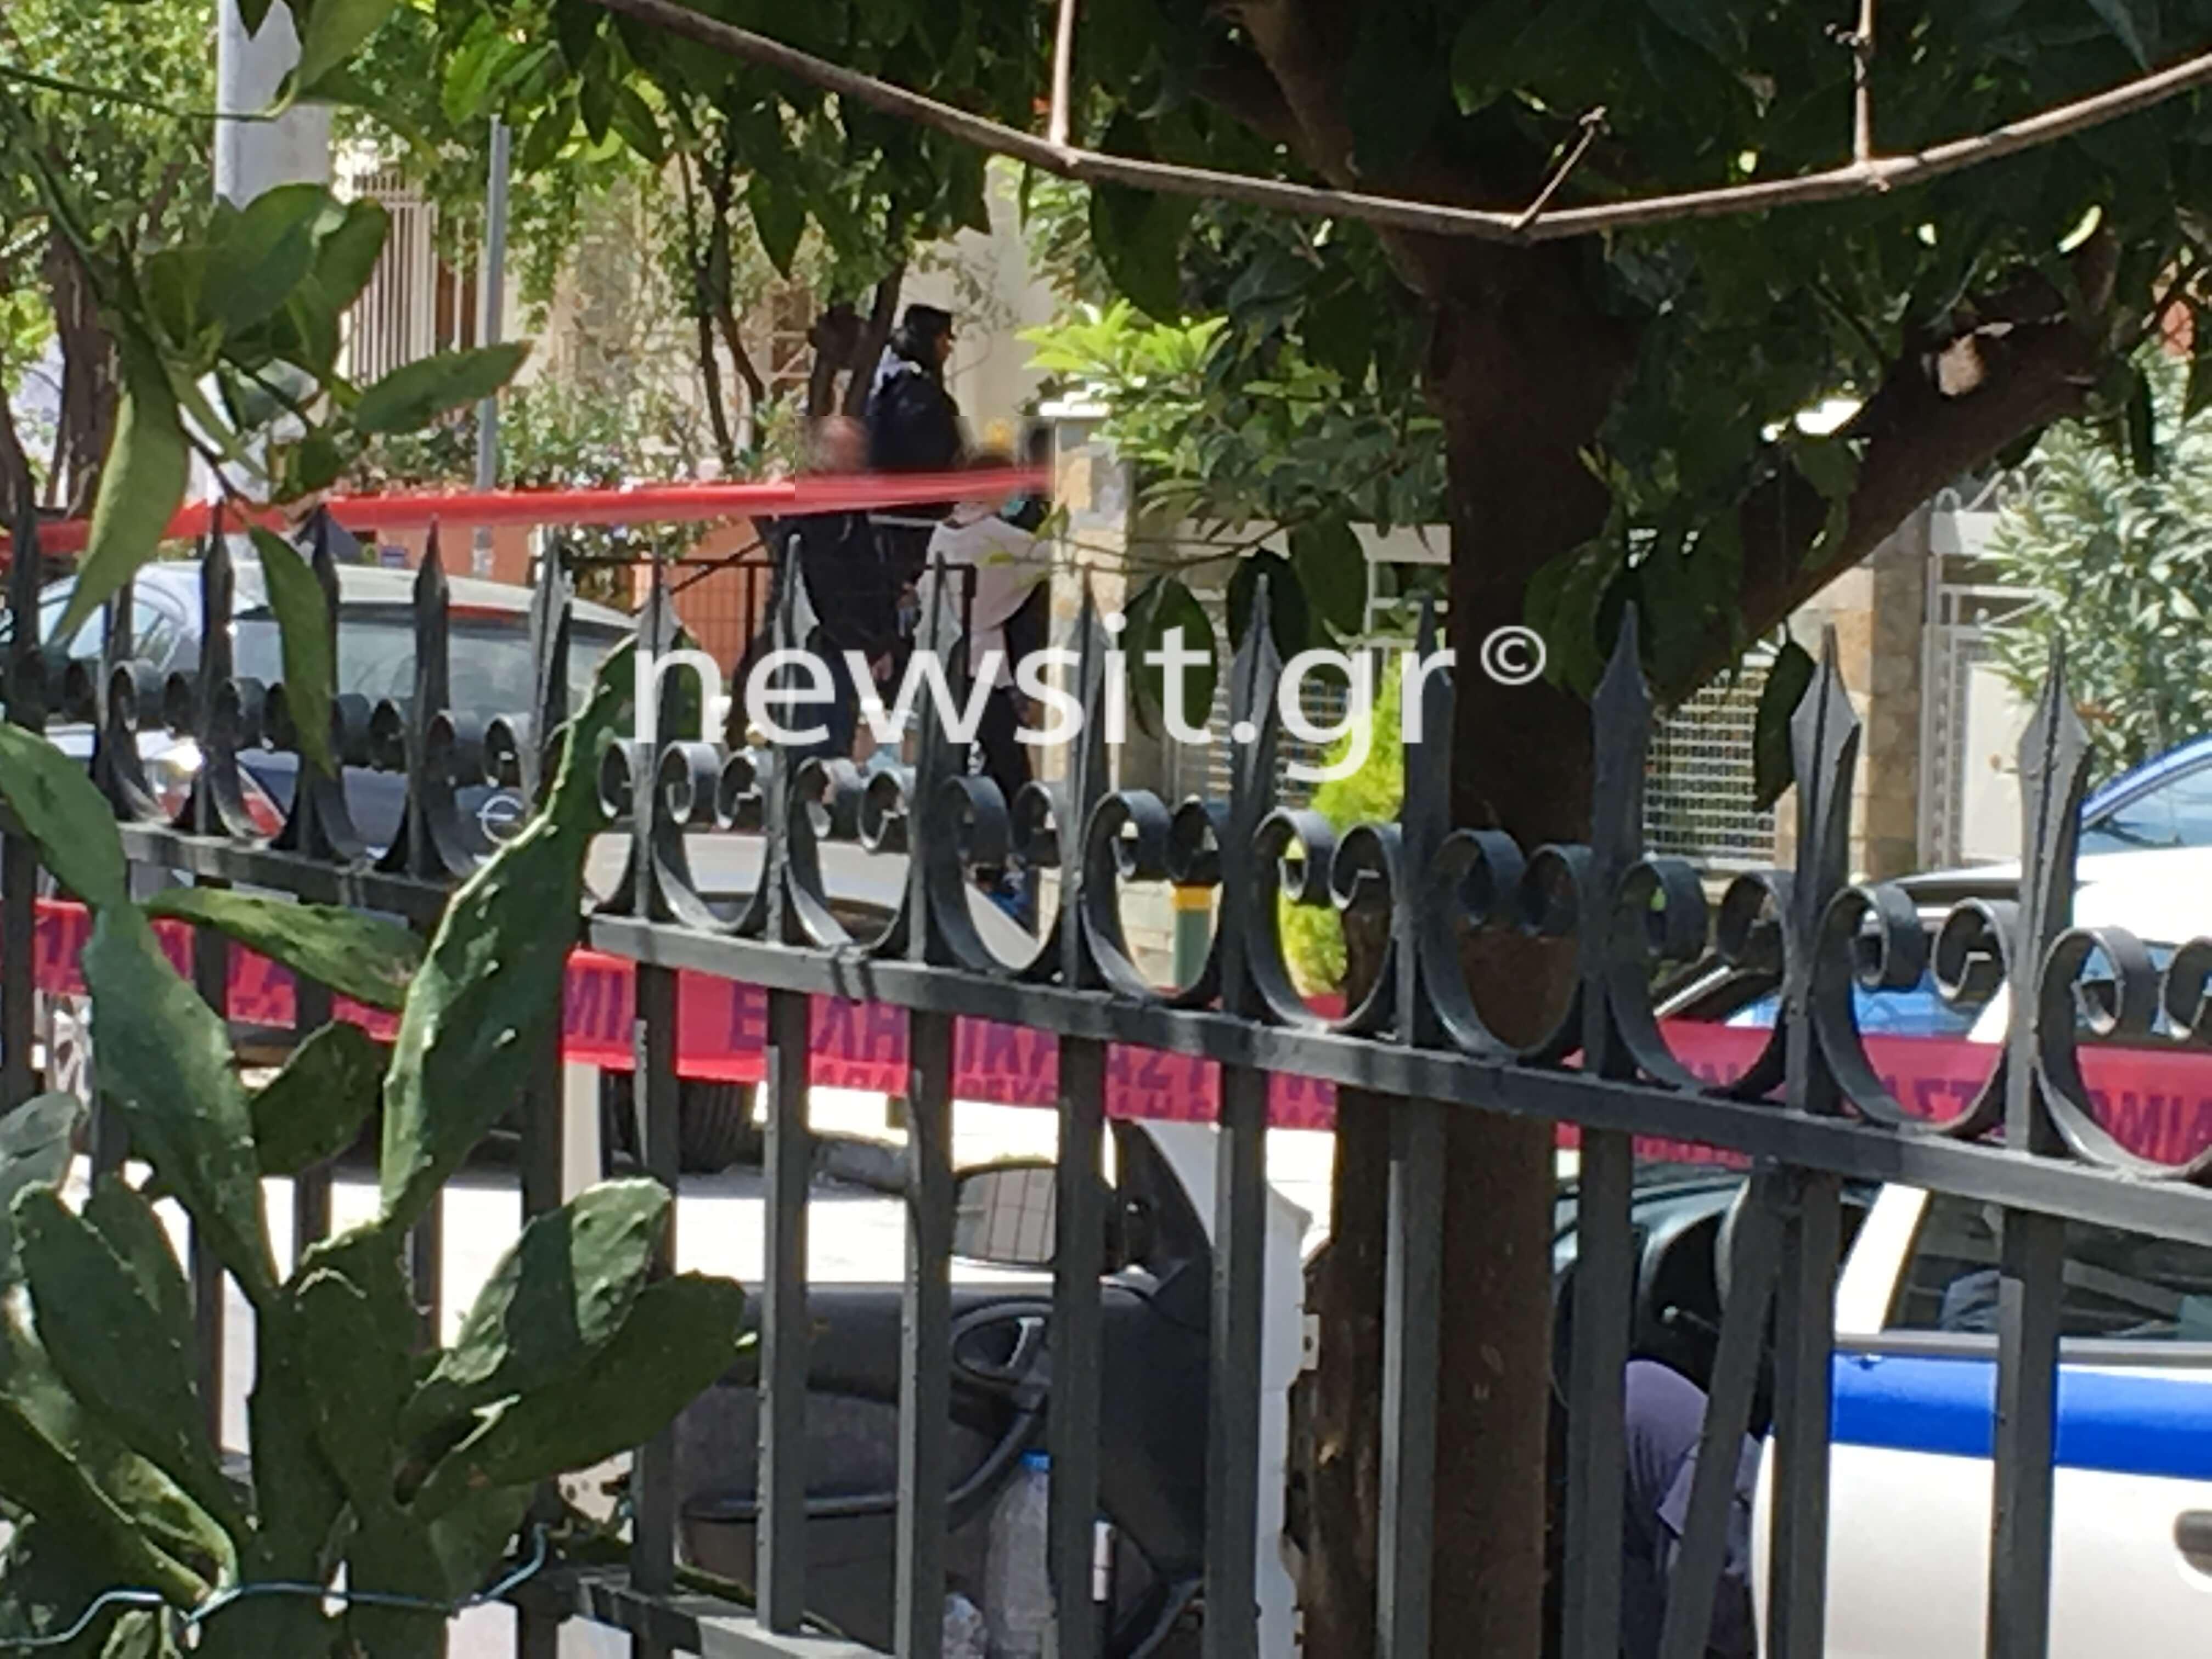 """Οικογενειακή τραγωδία στο Χαλάνδρι: """"Οι αστυνομικοί έκλαιγαν με αυτό που είδαν"""" – video"""